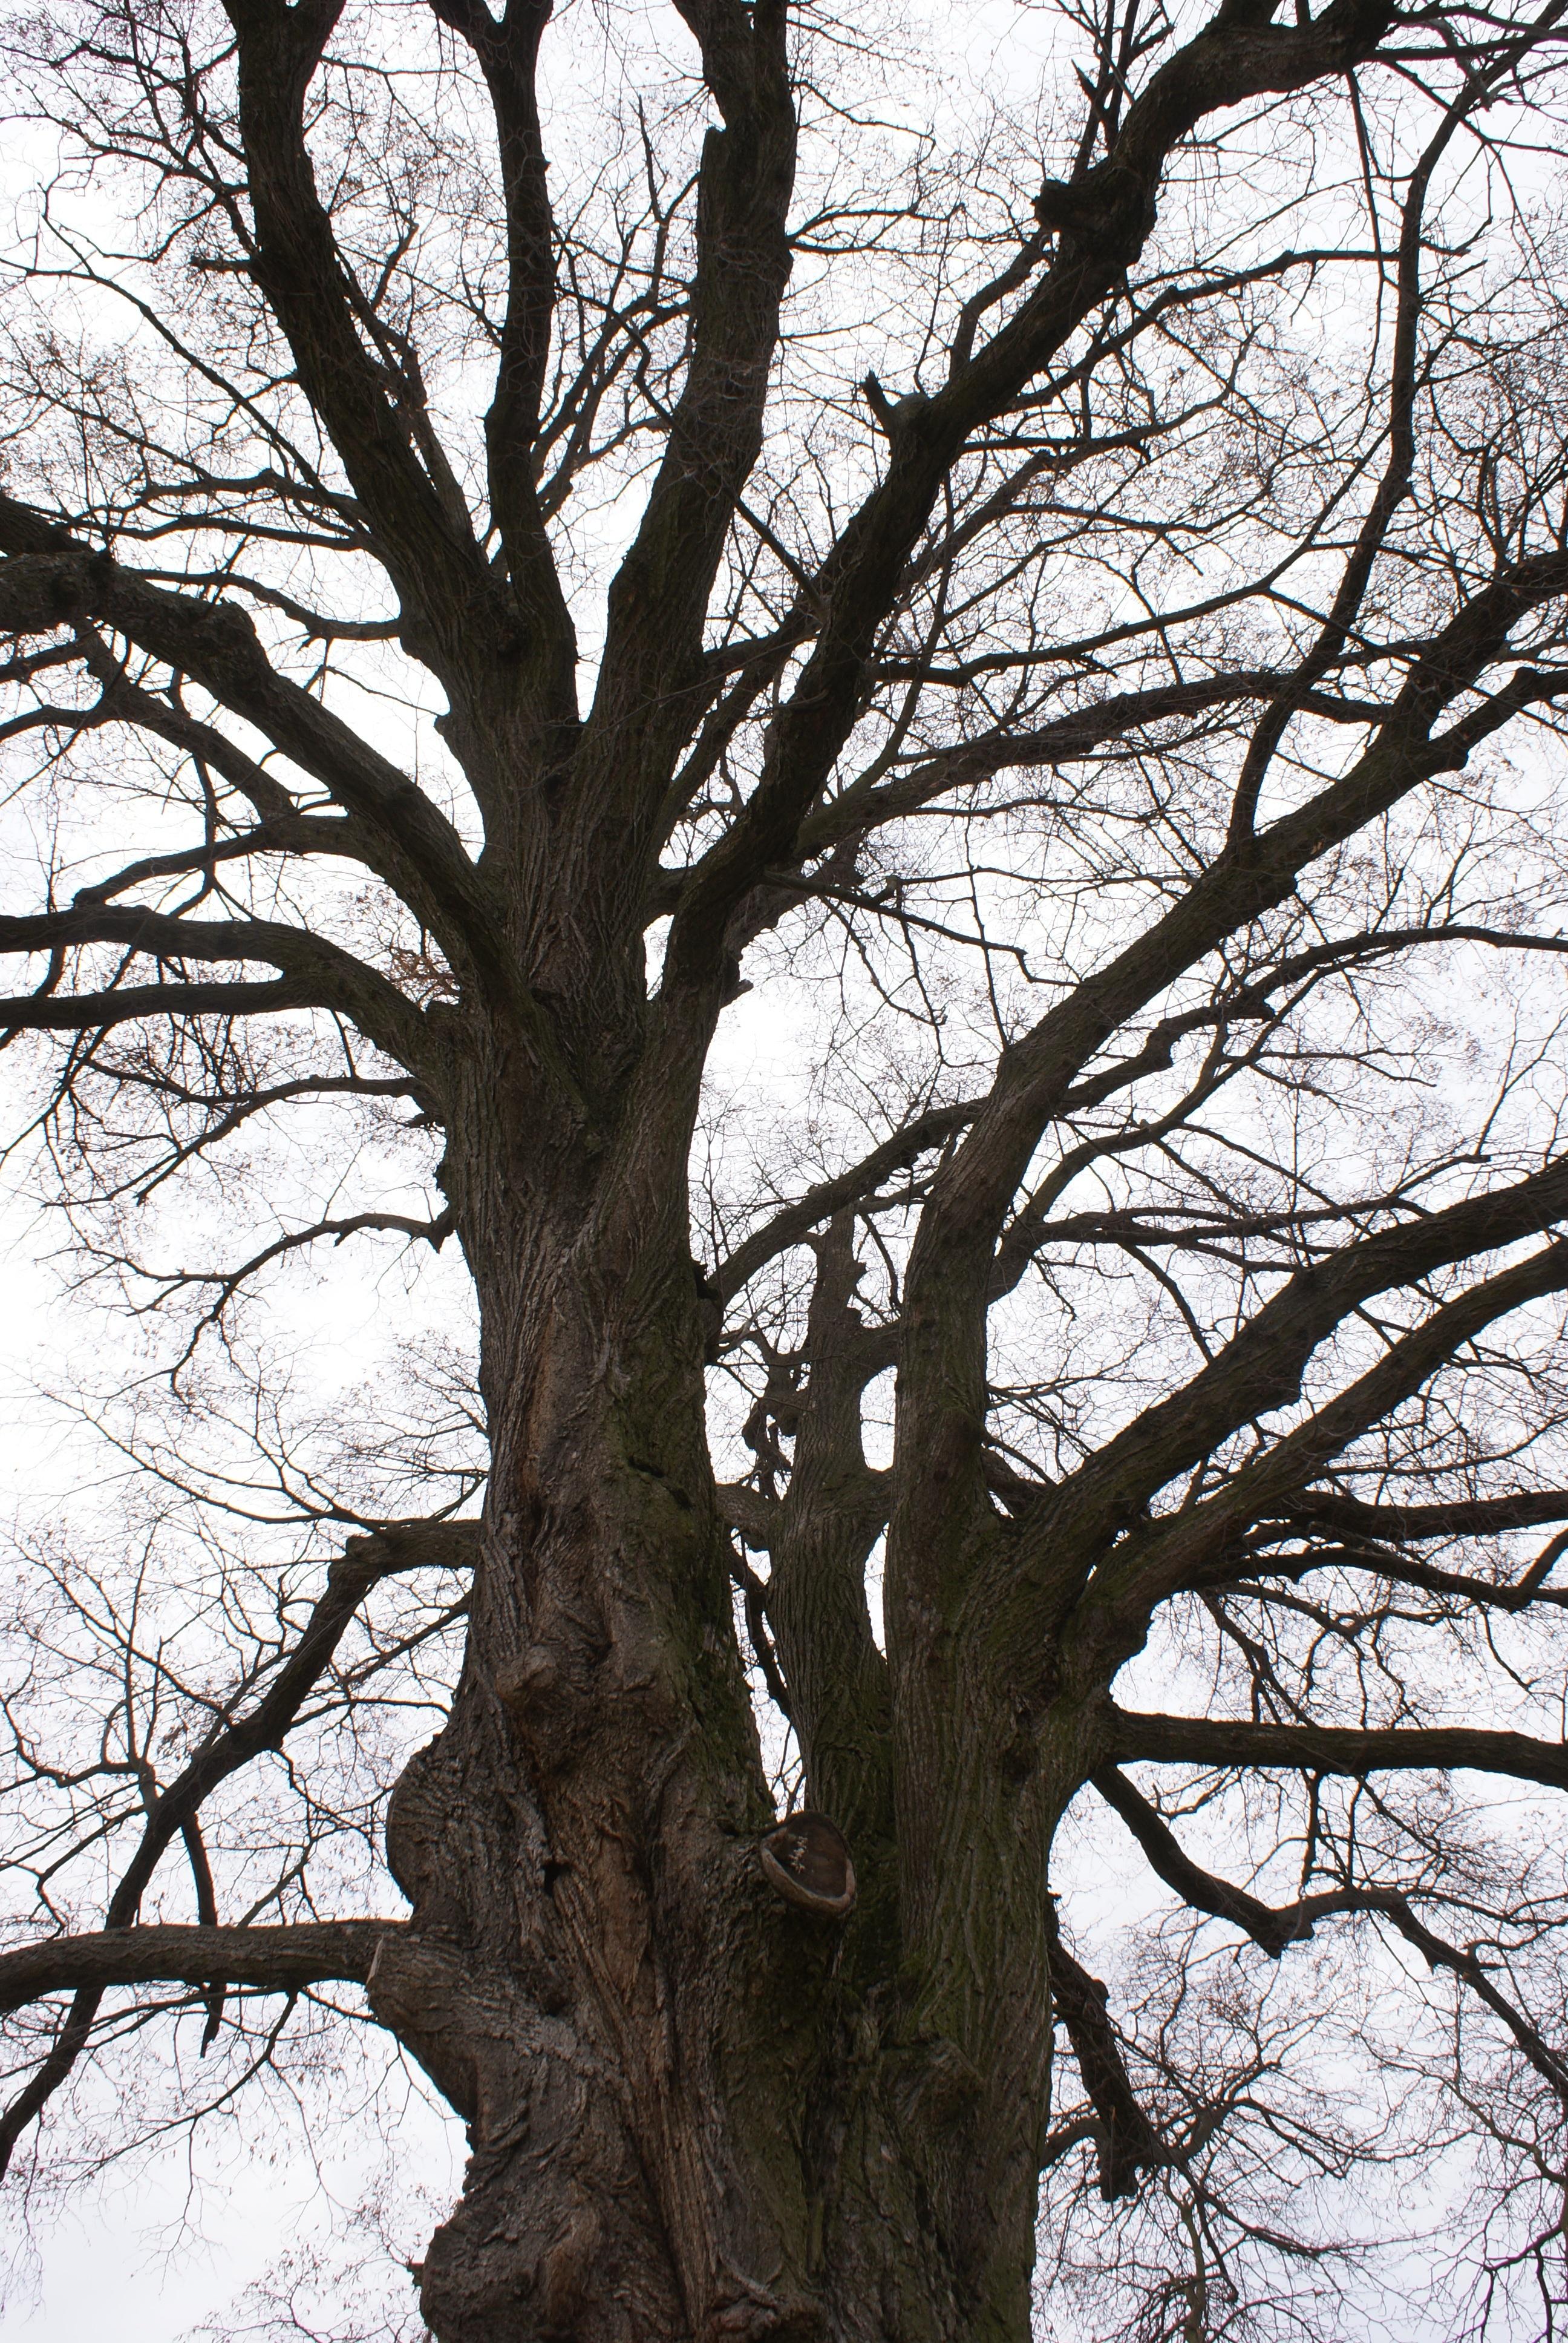 Ramas de arbol rbol rama invierno planta madera antiguo - Ramas de arboles ...